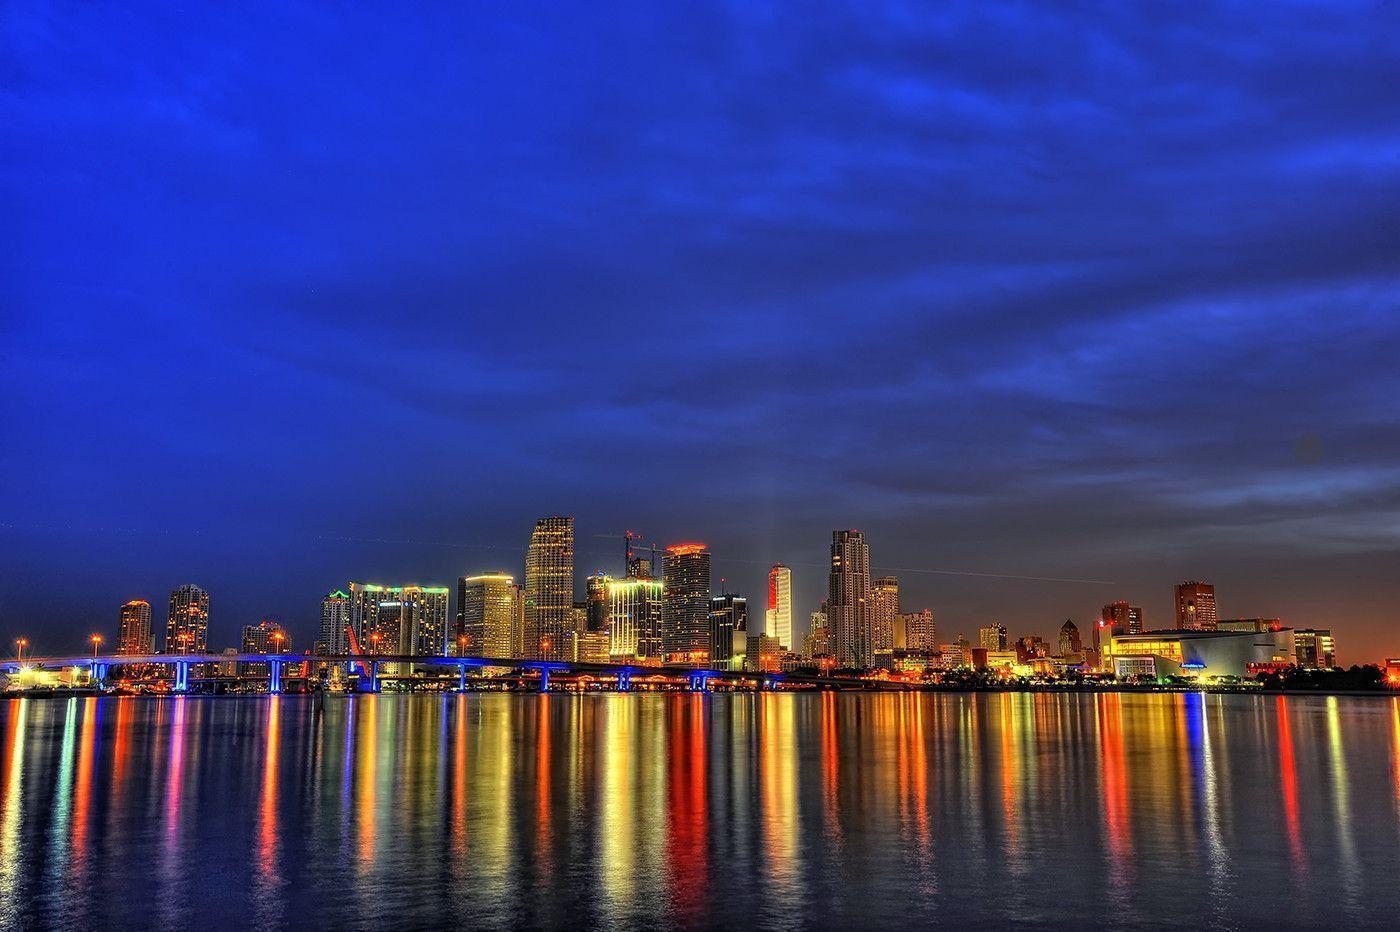 Miami Hd